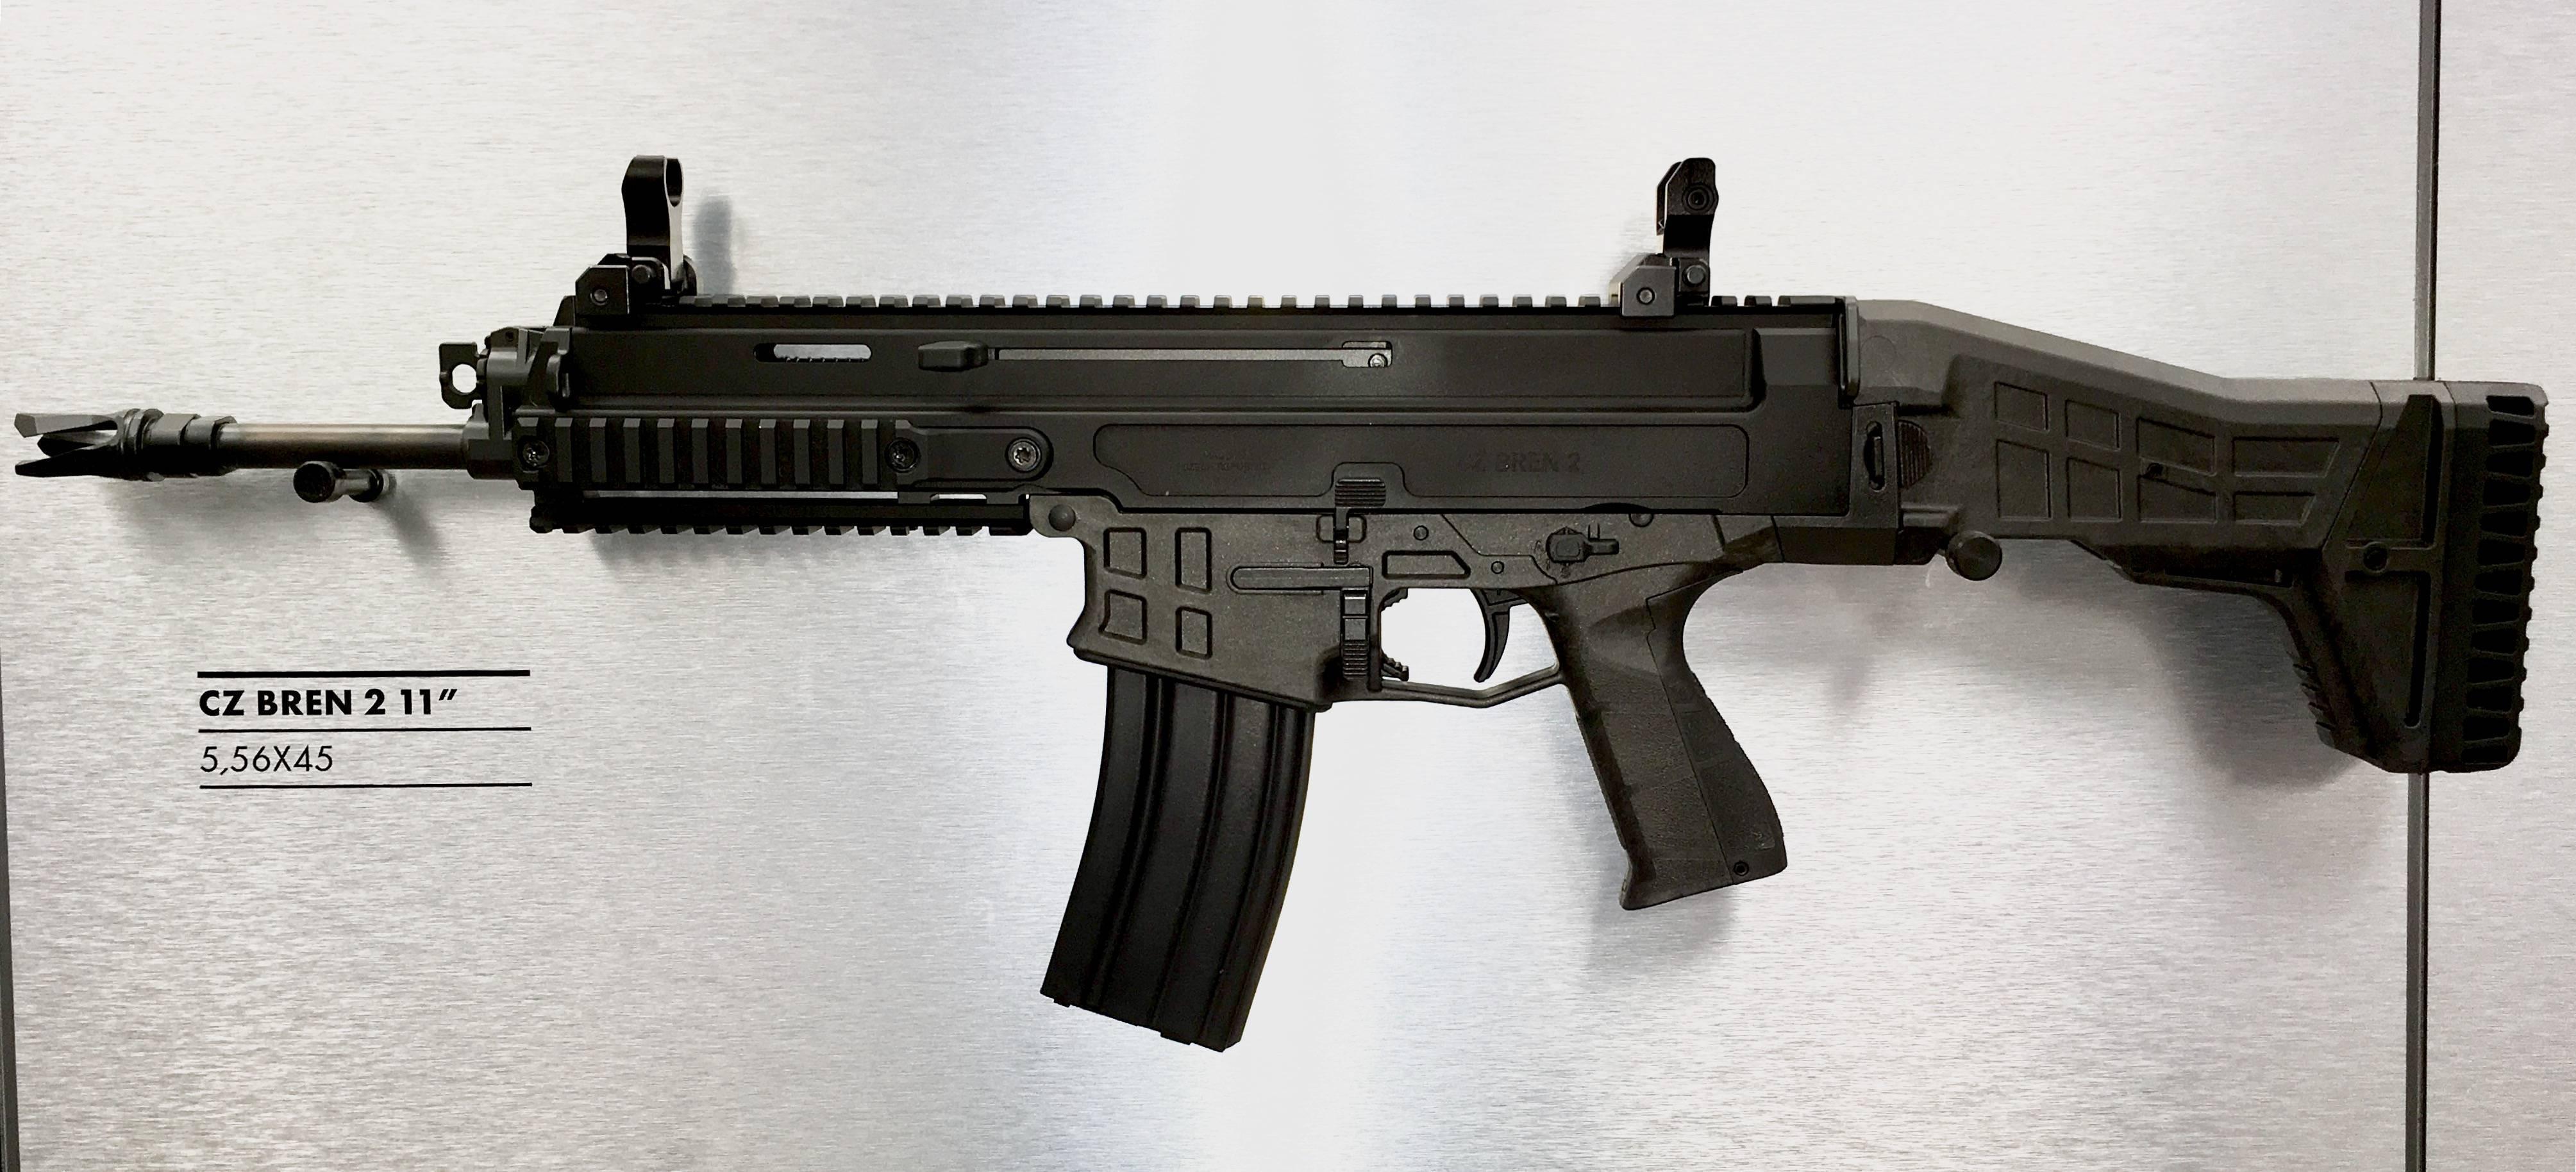 Cz 805 - cz 805 bren